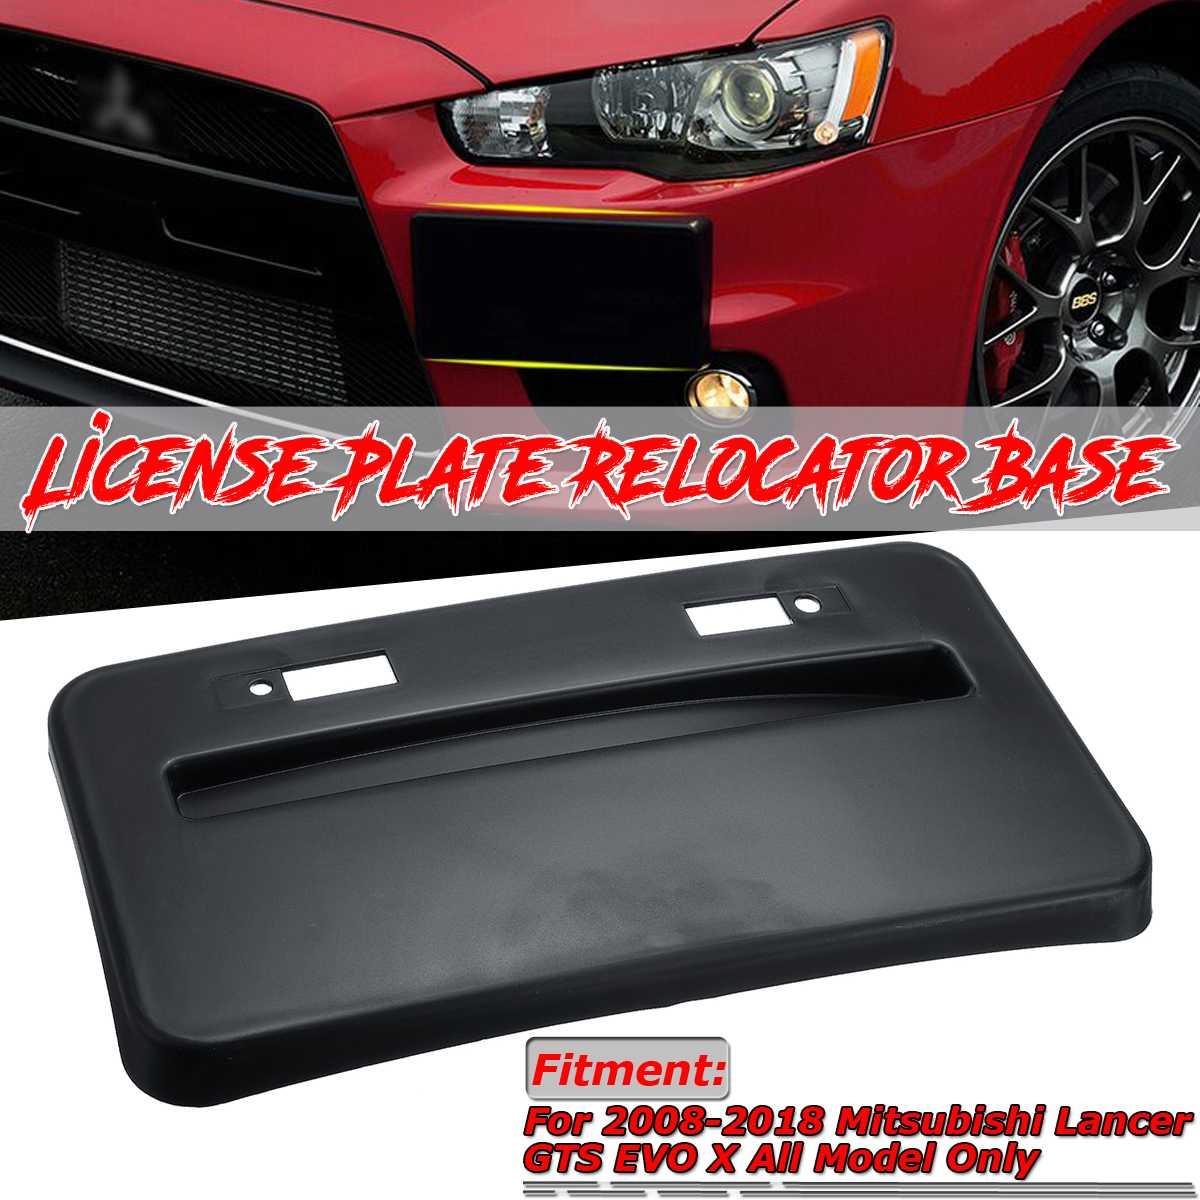 Nouveau cadre de support de plaque d'immatriculation de pare-chocs avant de voiture pour Mitsubishi Lancer GTS EVO X 2008-2018